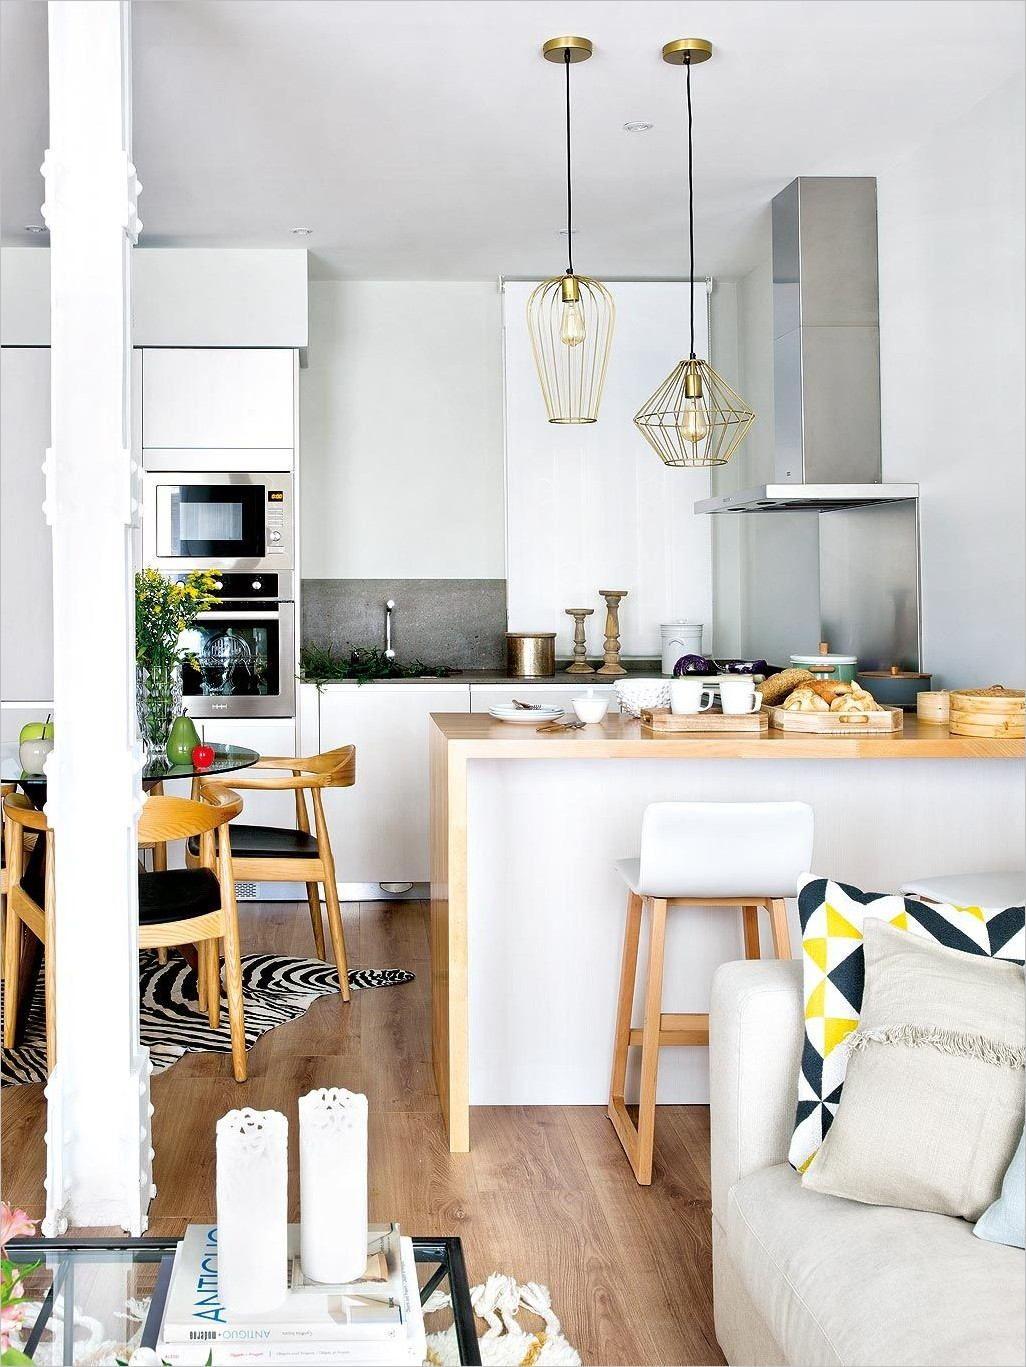 Cuisine Ouverte Sur Salon Et Salle A Manger Appartement Moderne Idee Deco Petit Salon Deco Salle A Manger Deco Petit Salon